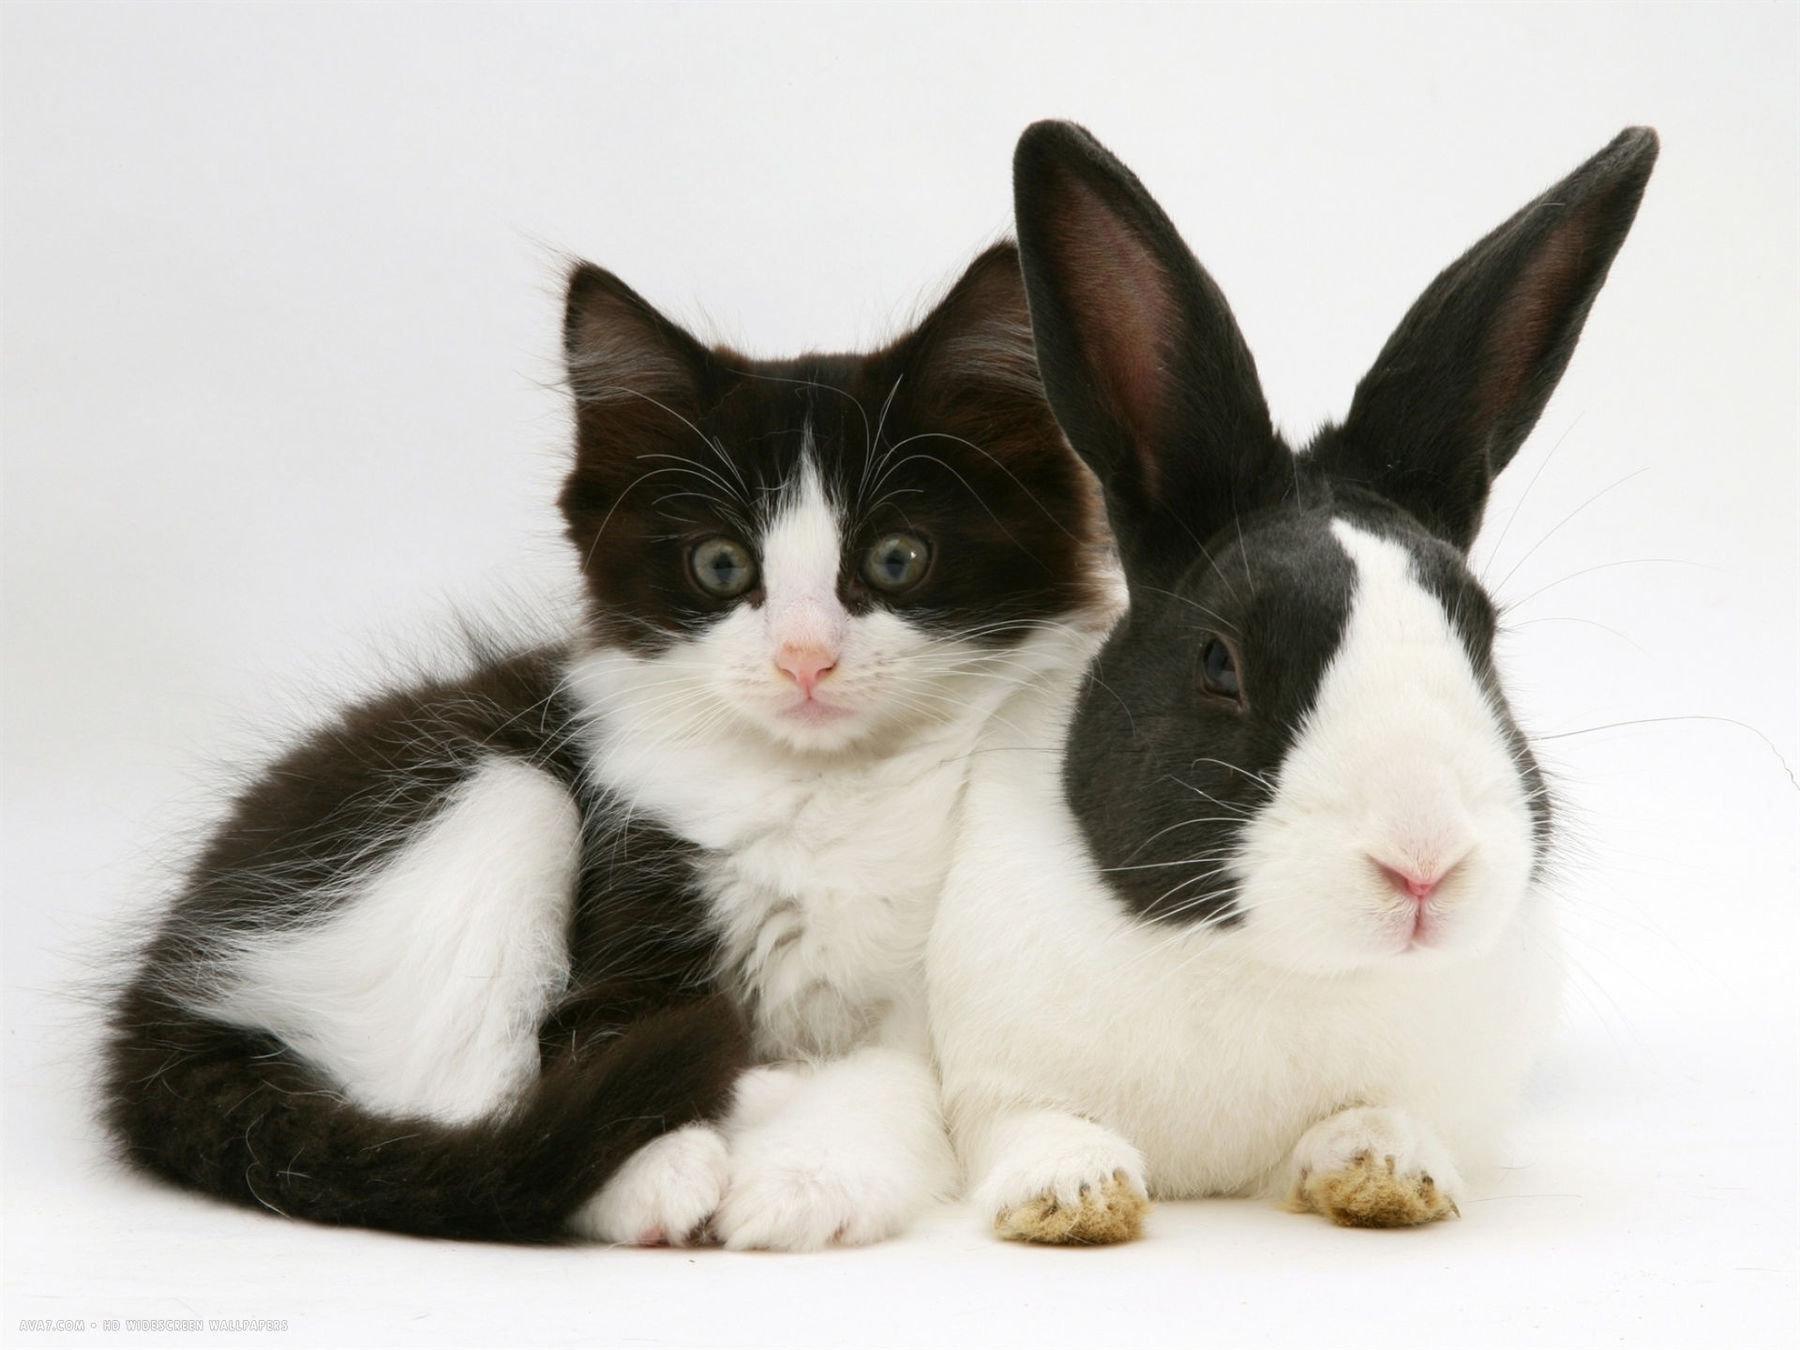 итоге получите красивой фотографии кошки кроликов штамбовый куст